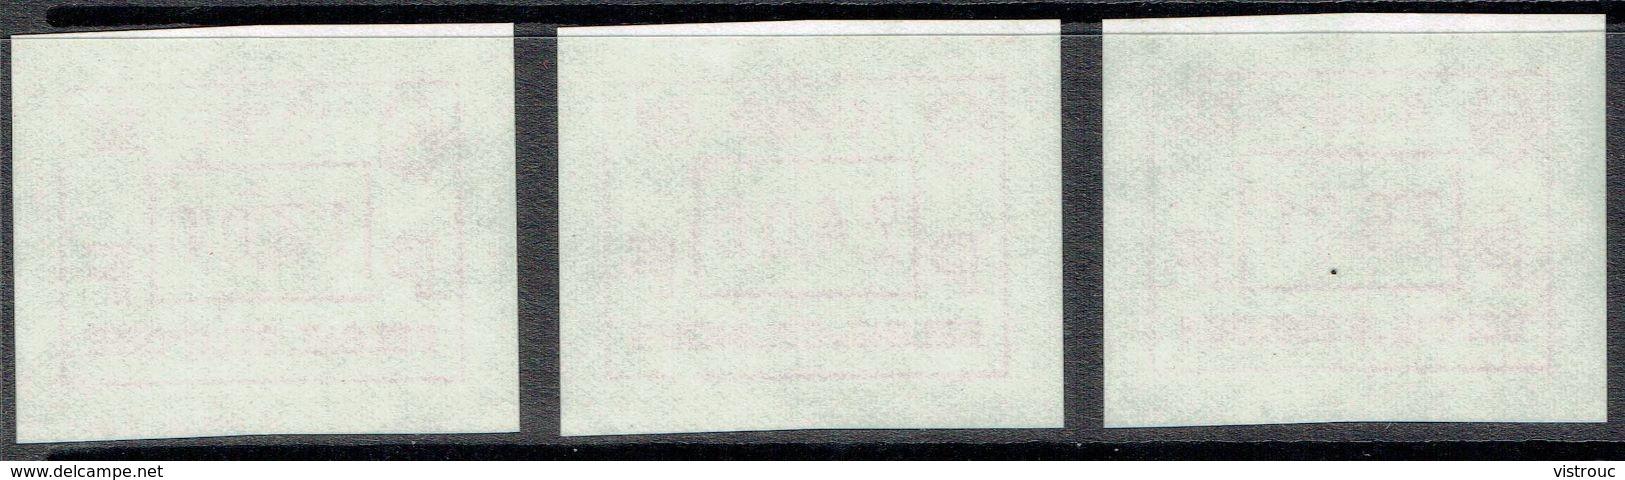 ATM 68 ** - 3 Vignettes - K.V.B.P. 1988. - Moins De 20 % De La Cote C.O.B.. - Vignettes D'affranchissement